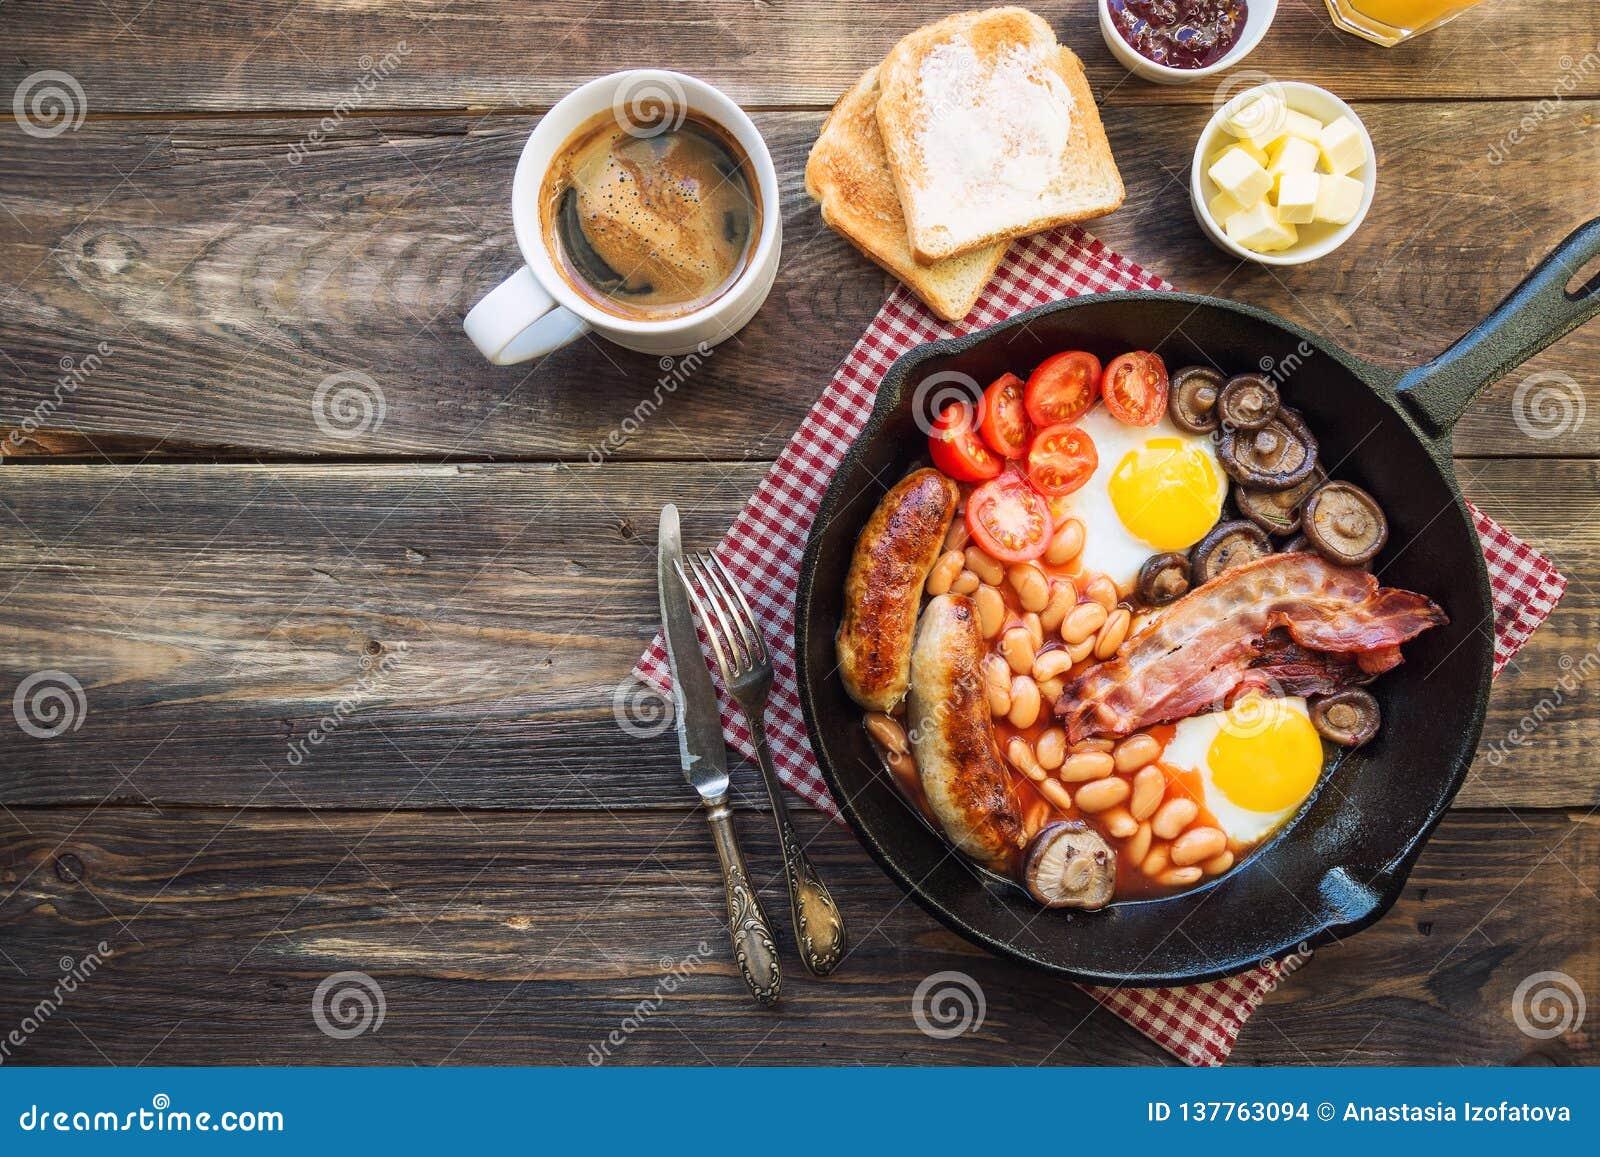 在铁长柄浅锅的英式早餐